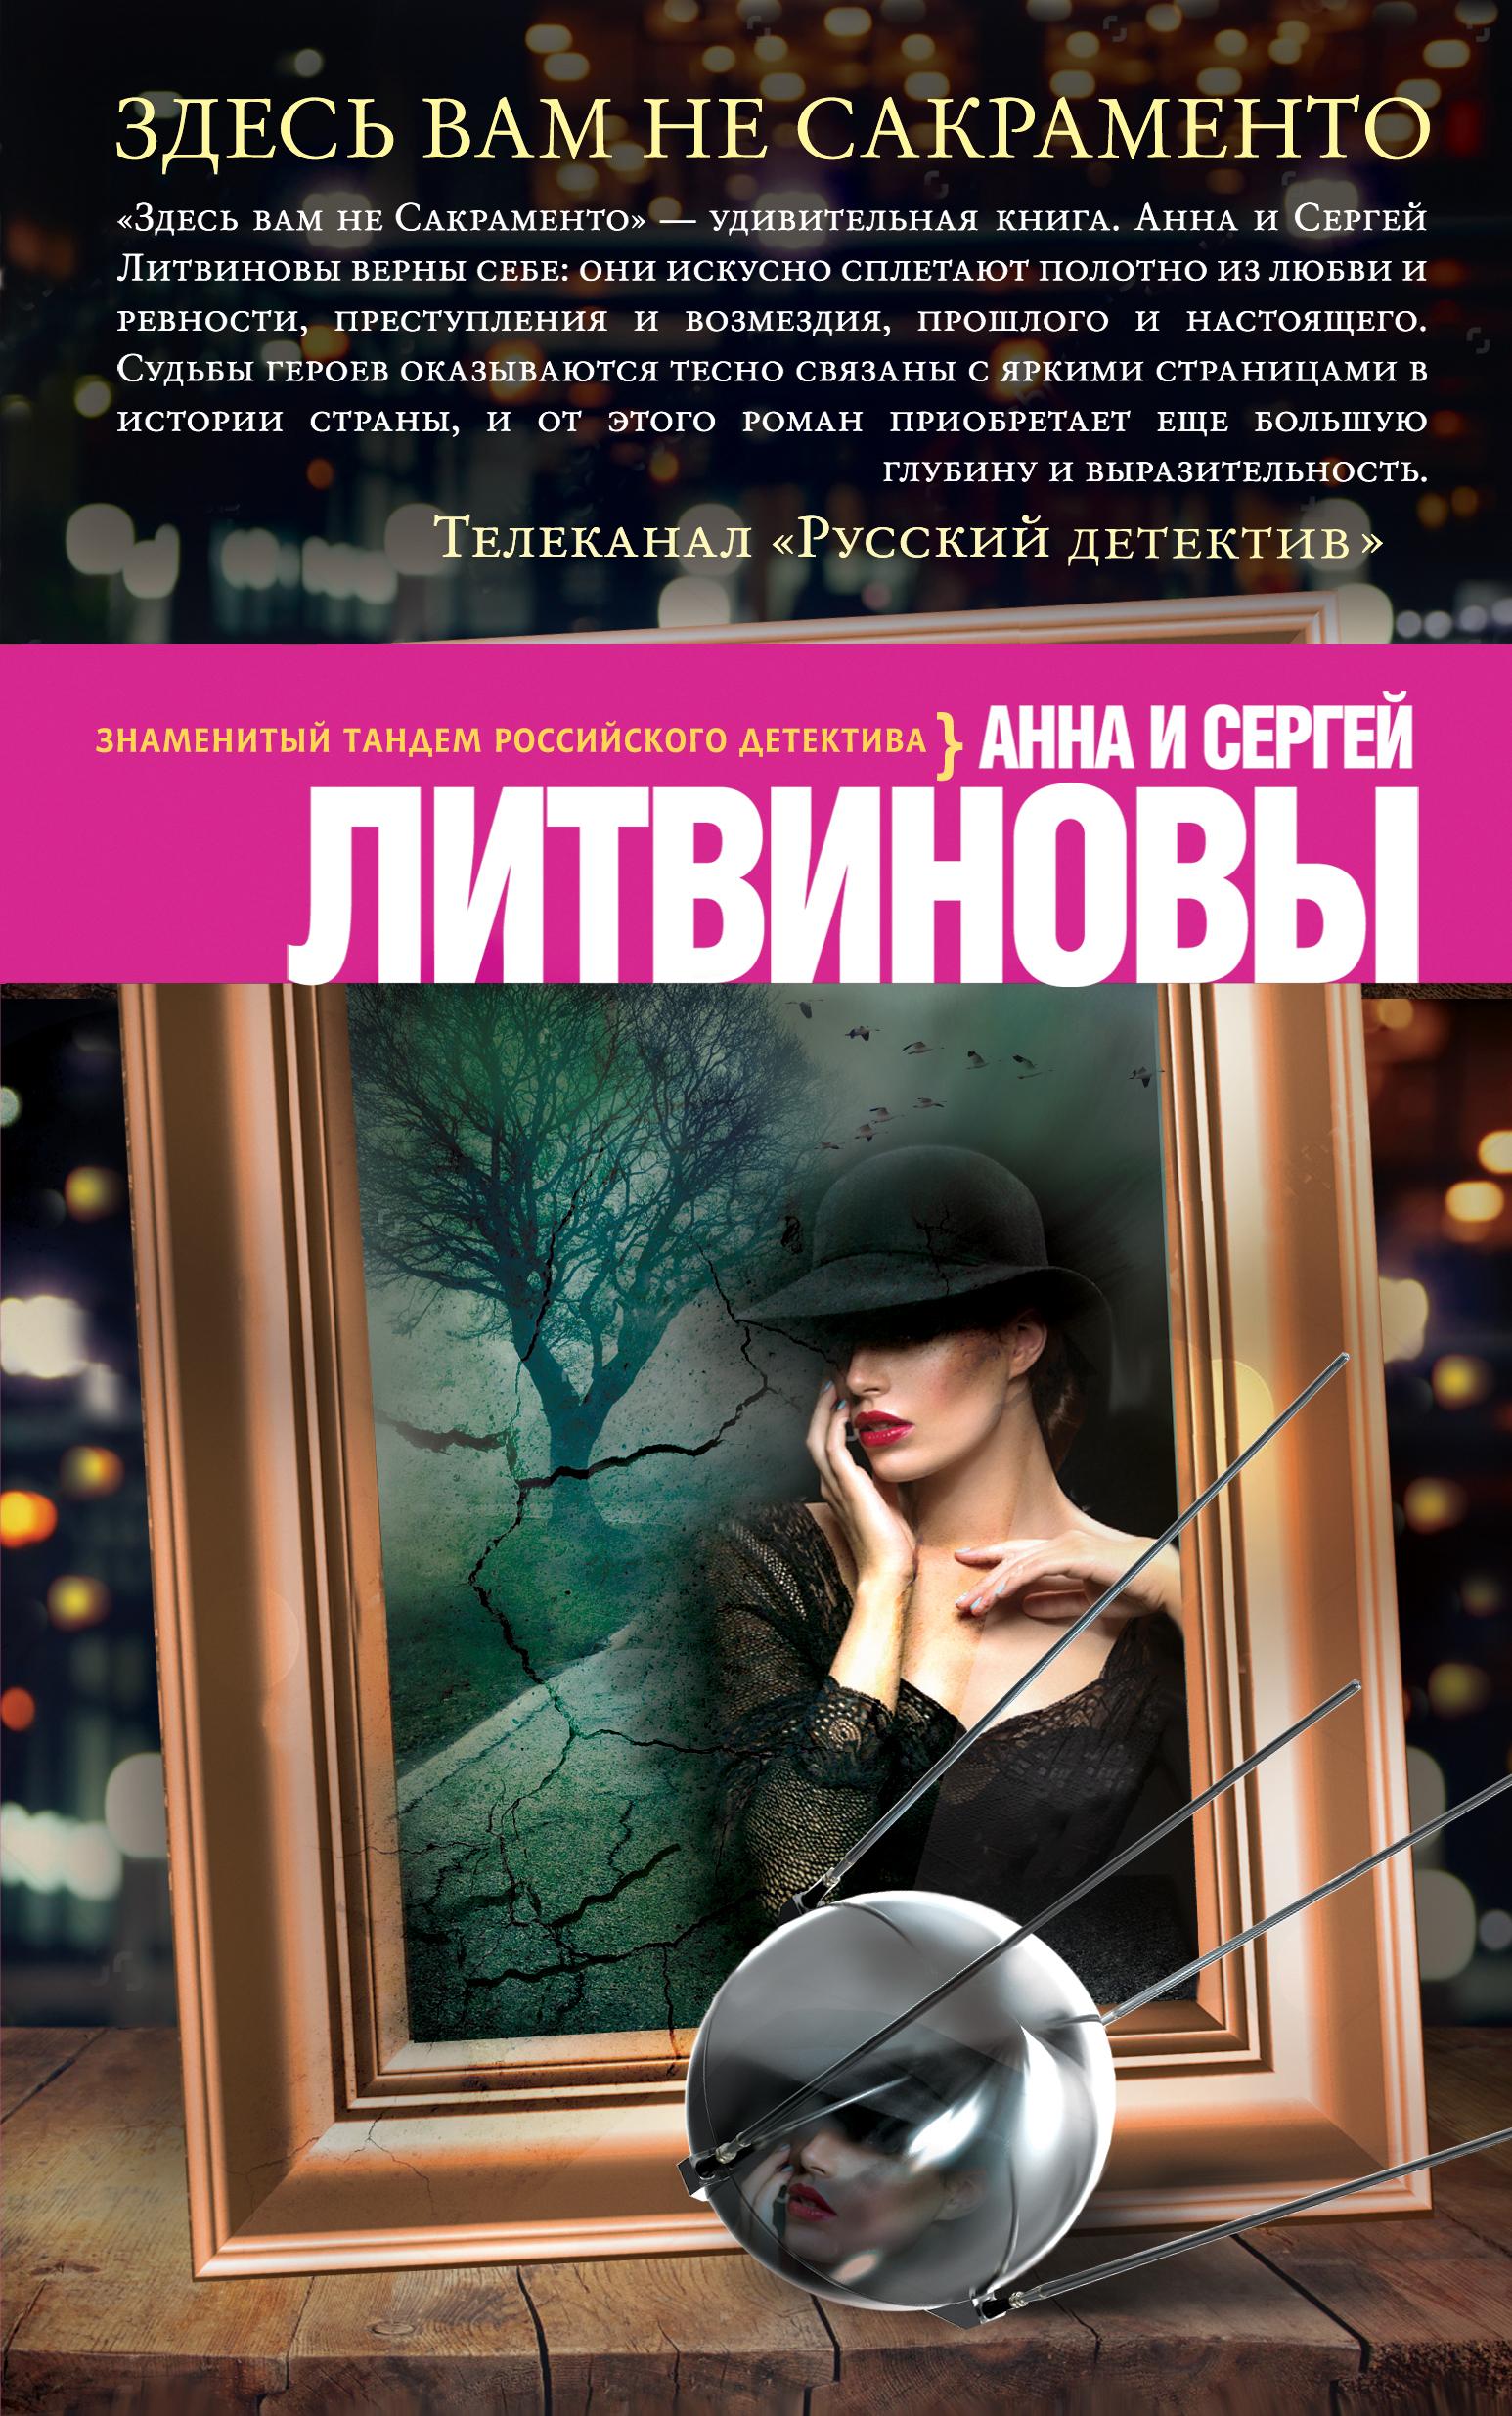 Анна и Сергей Литвиновы Здесь вам не Сакраменто